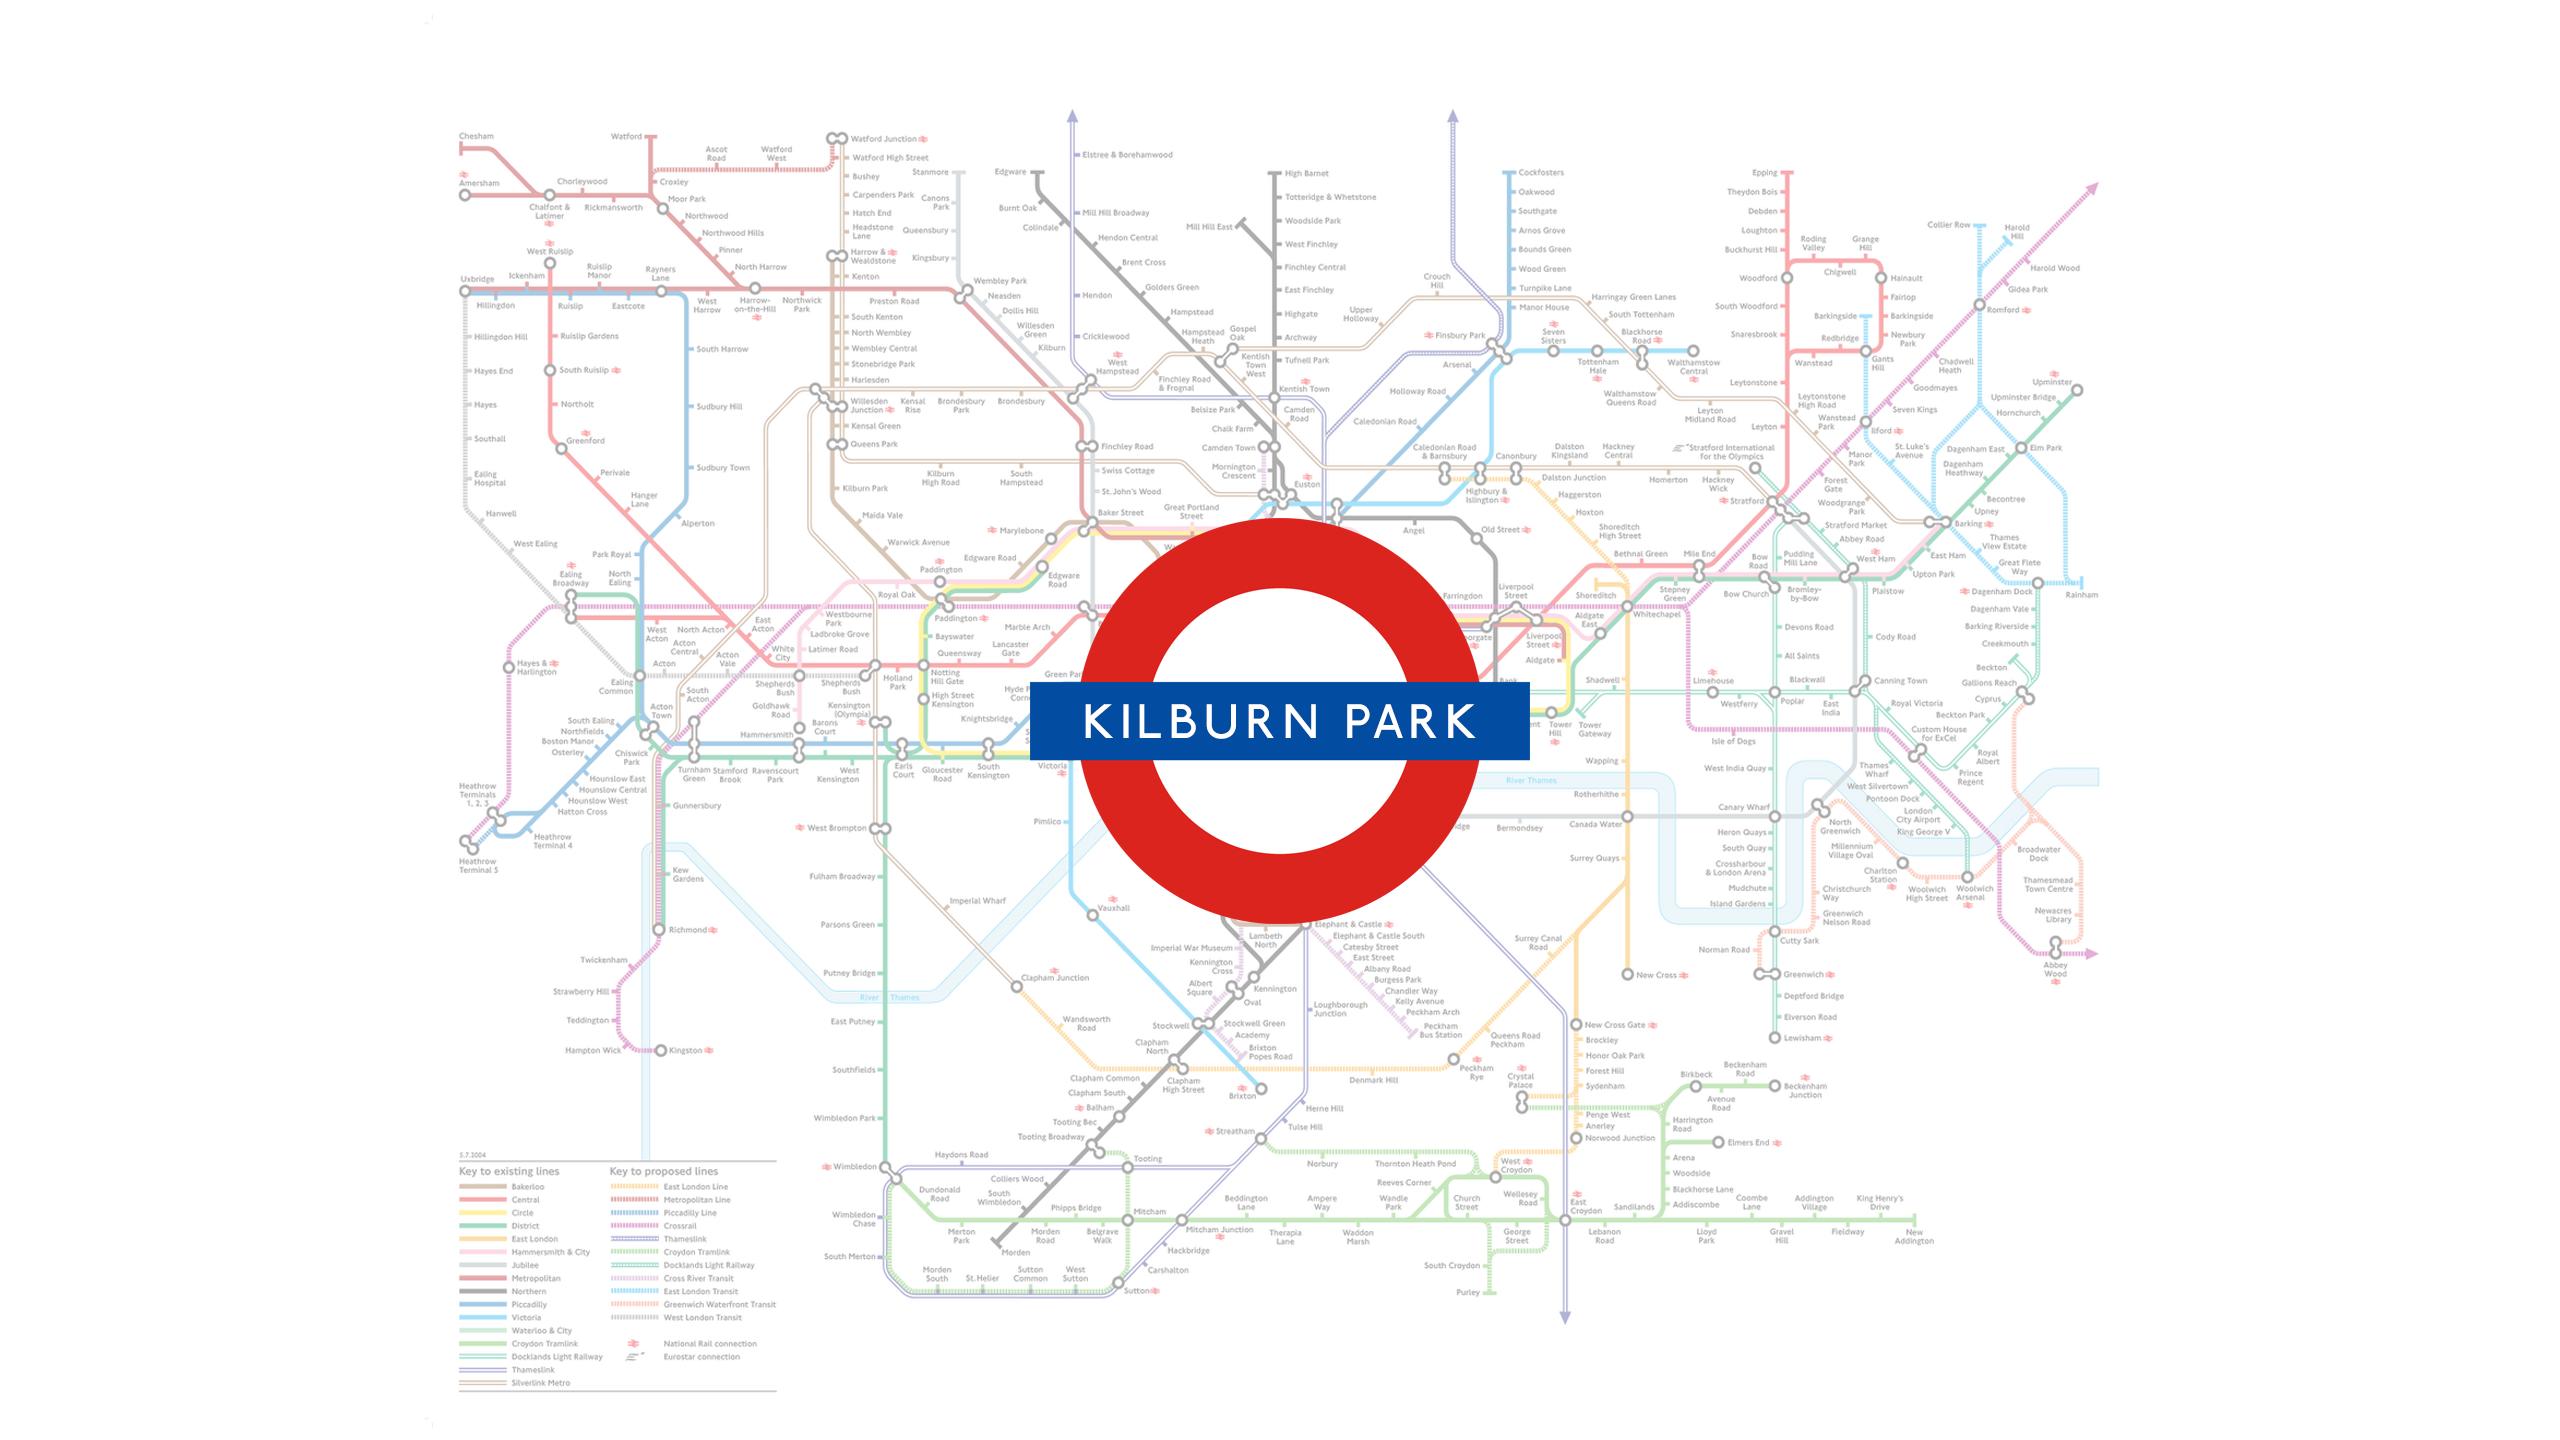 Kilburn Park (Map)